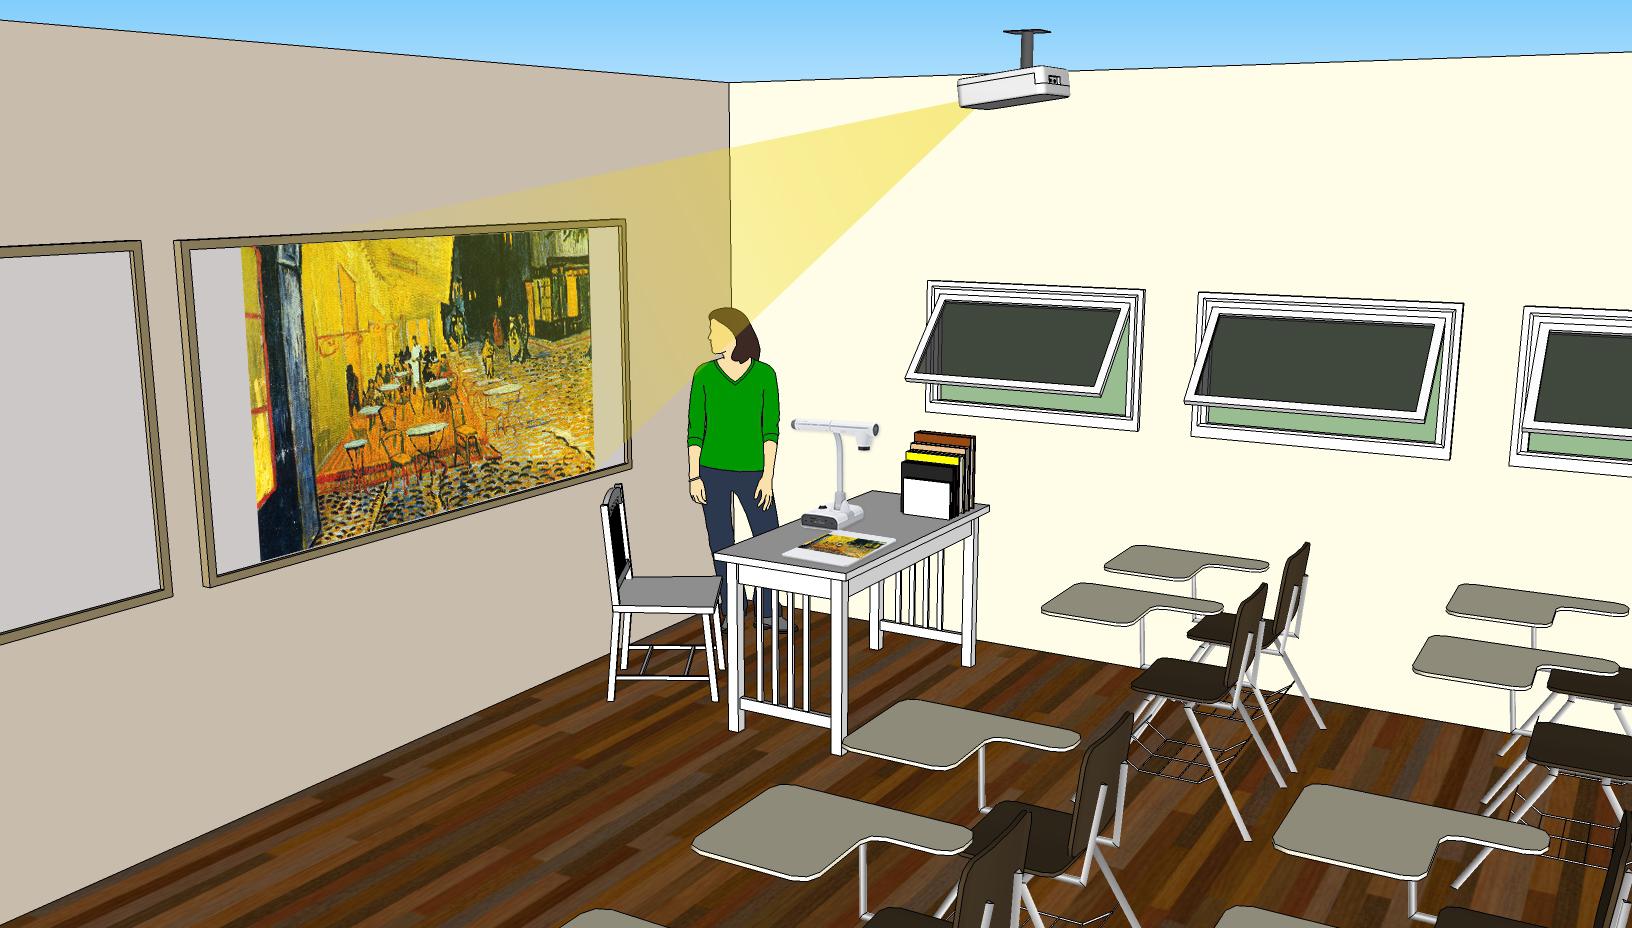 raum02_projektor_elmo_l12id.jpg